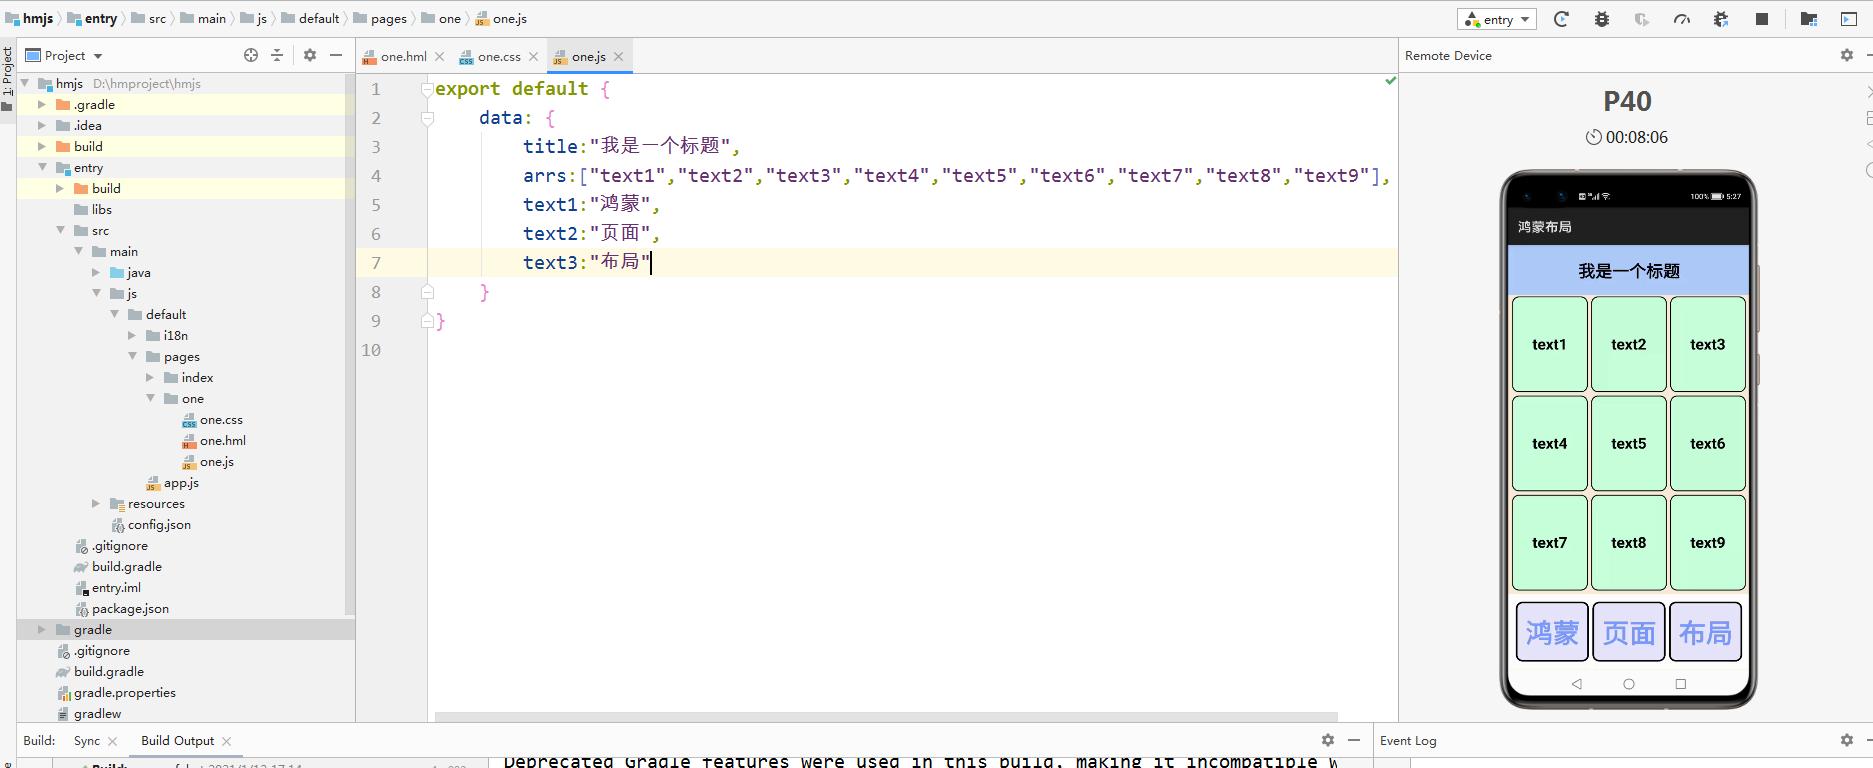 鸿蒙js开发模式1 鸿蒙js开发模式下的页面布局